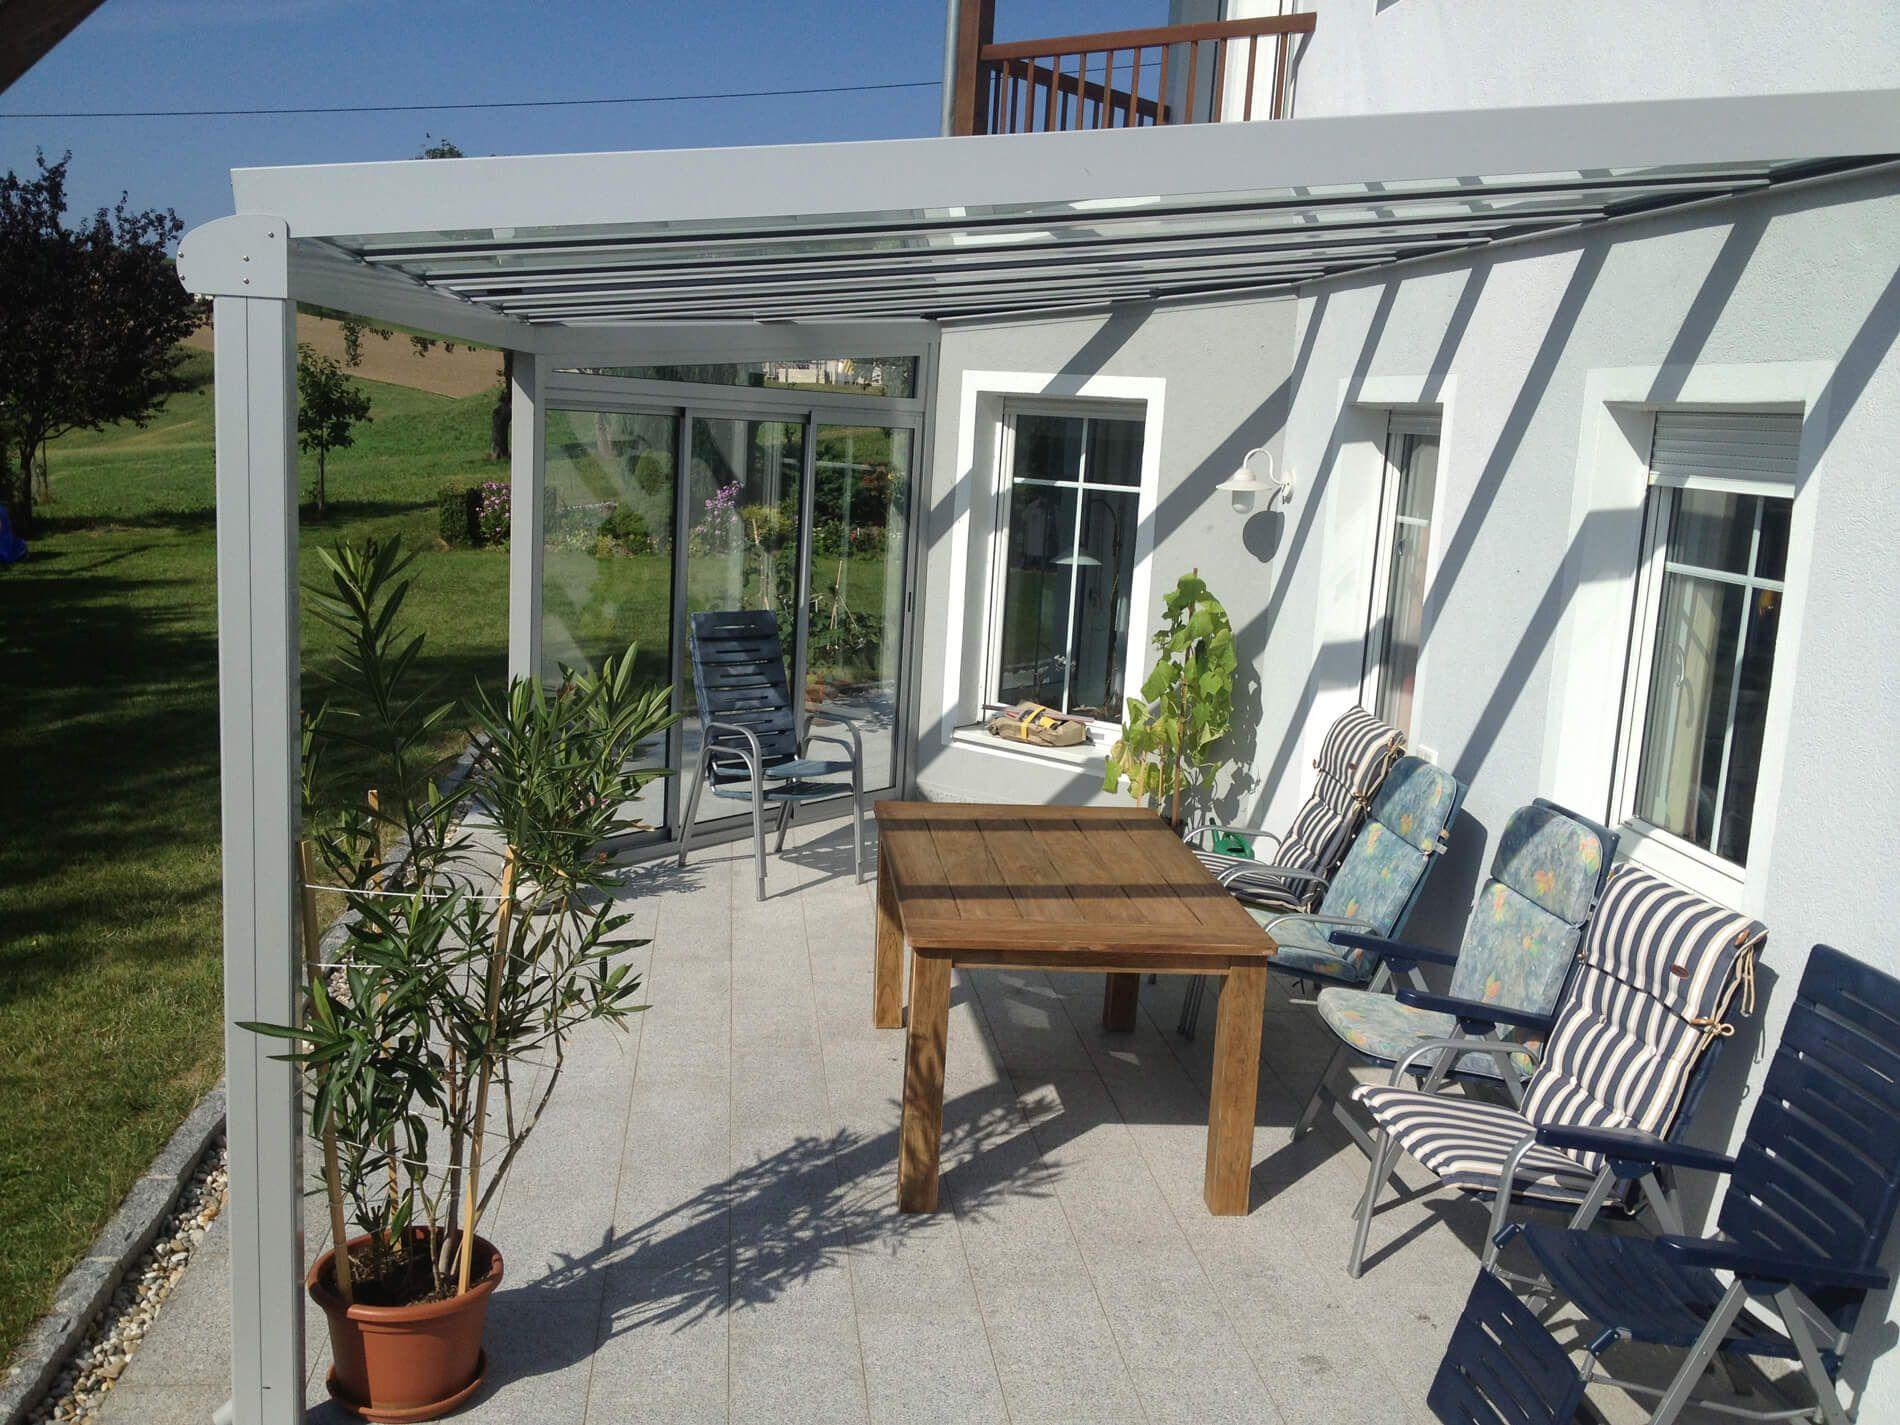 terrassen berdachung alu glas mit seitenteil. Black Bedroom Furniture Sets. Home Design Ideas